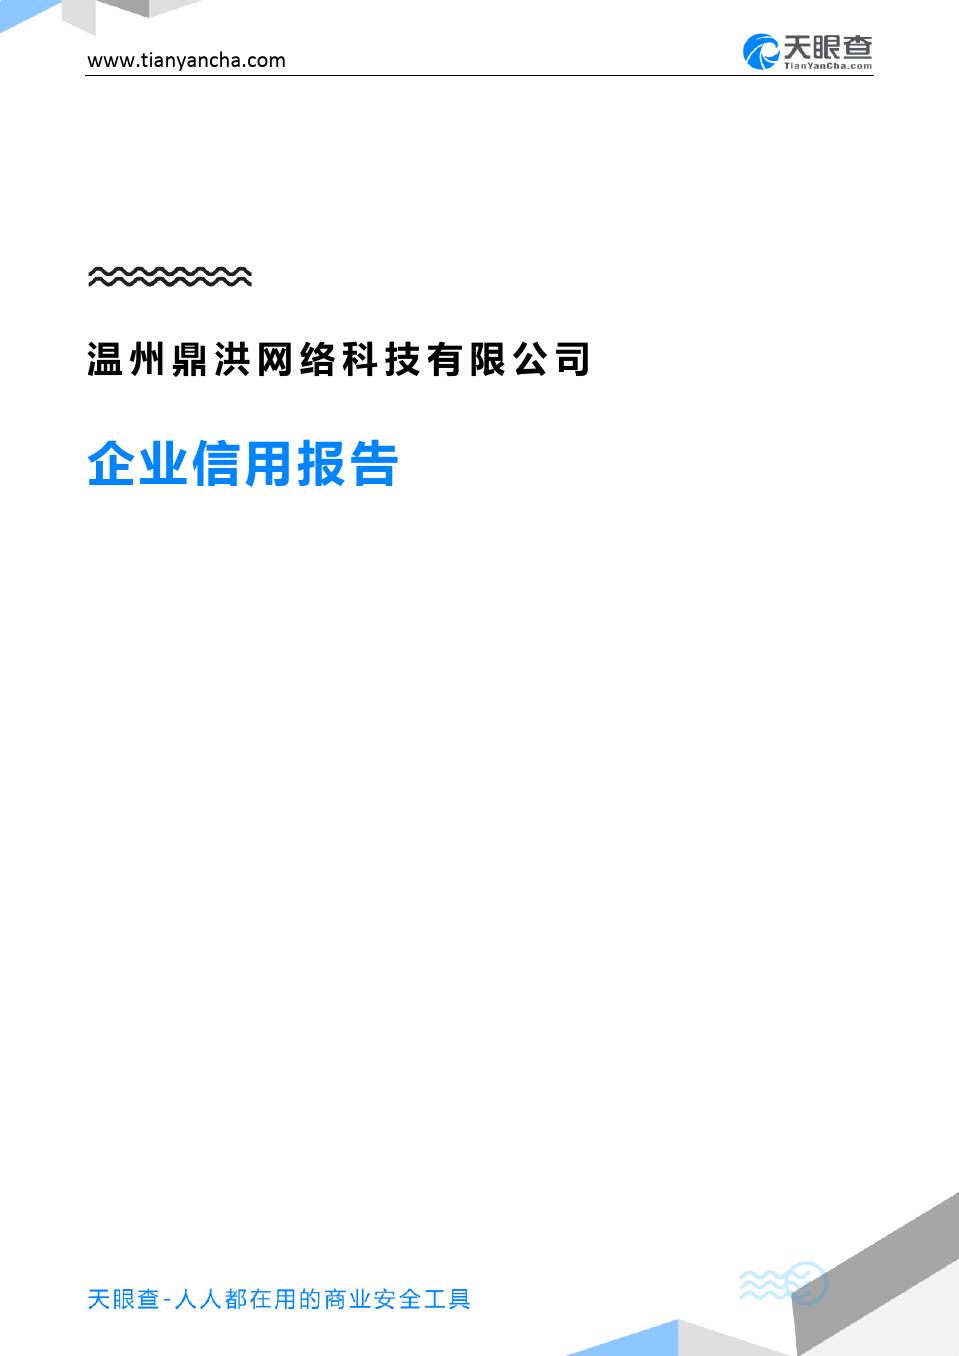 温州鼎洪网络科技有限公司(企业信用报告)- 天眼查